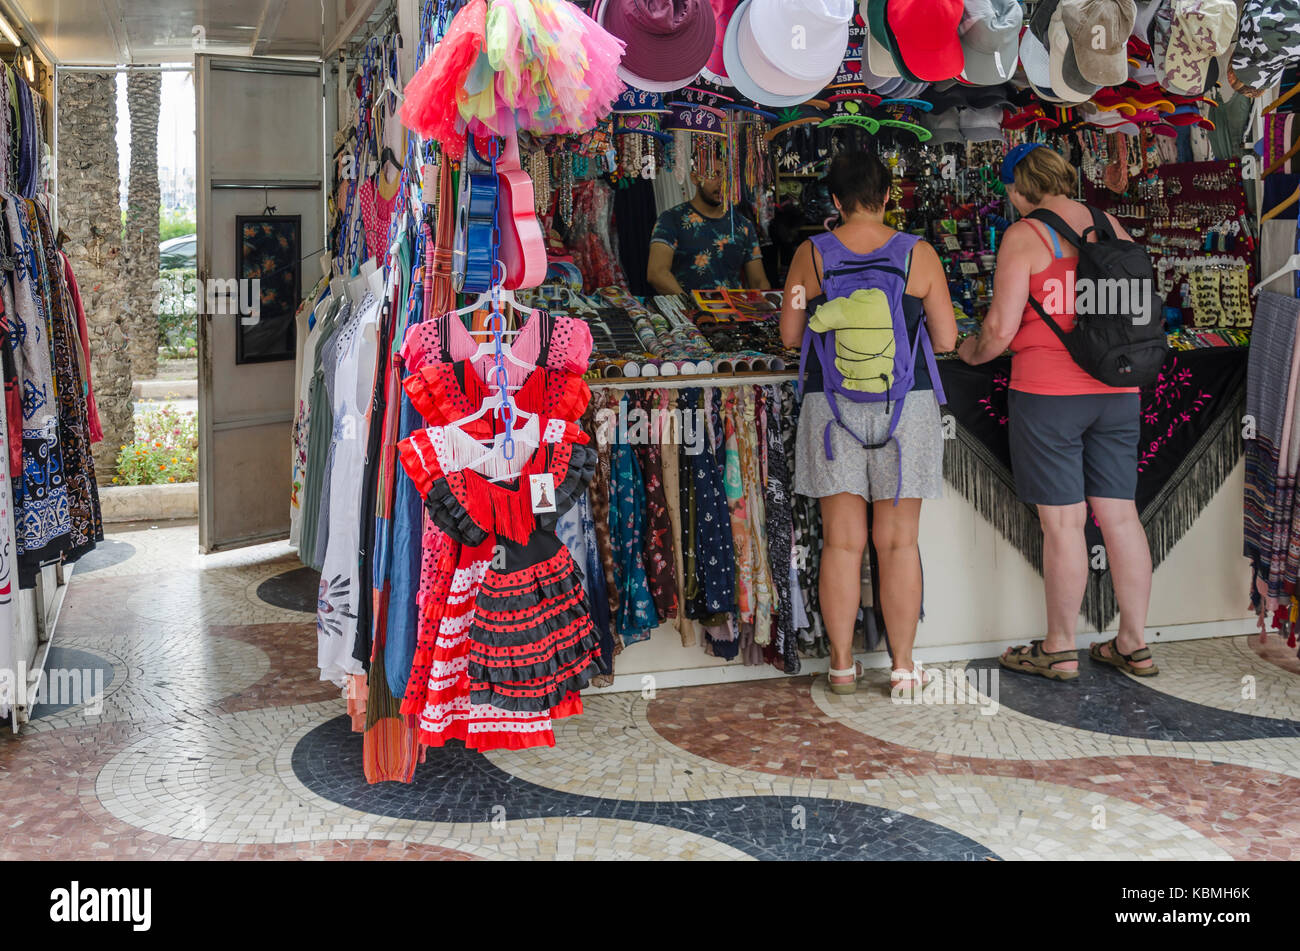 aaf8571f37ea Una vista de la explanada Avenue, con una tienda de recuerdos en la ciudad  de Alicante, España